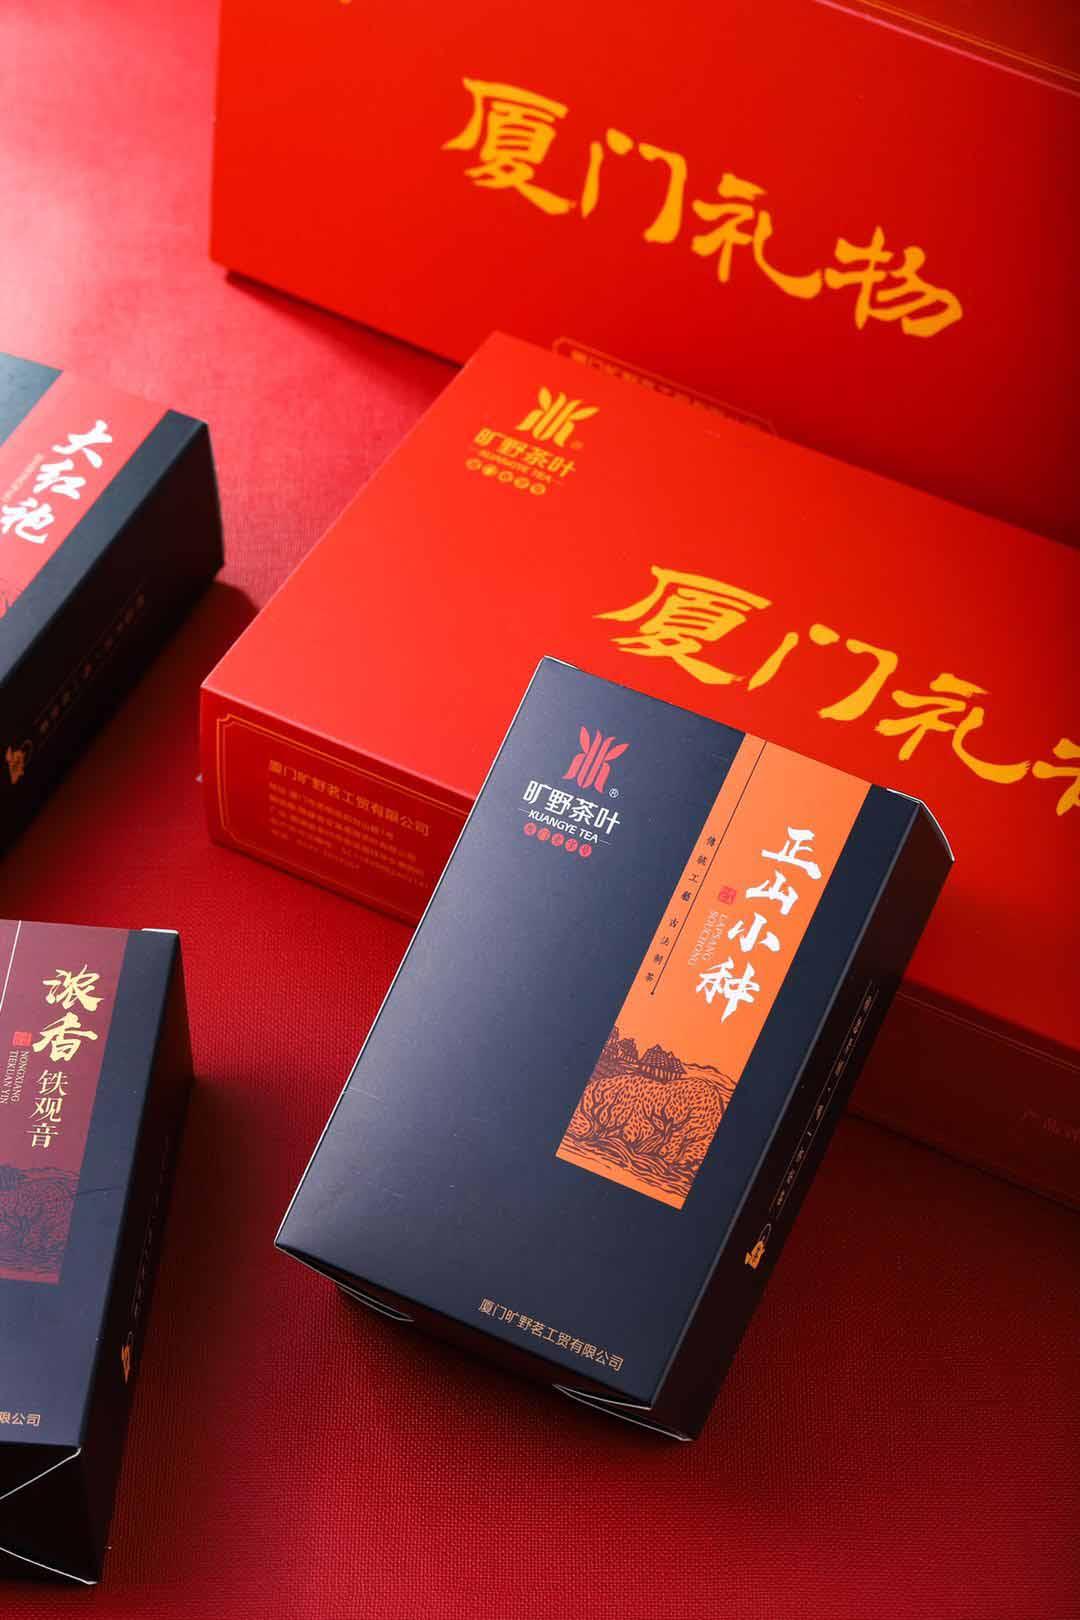 福建大红袍茶叶伴手礼,大红袍